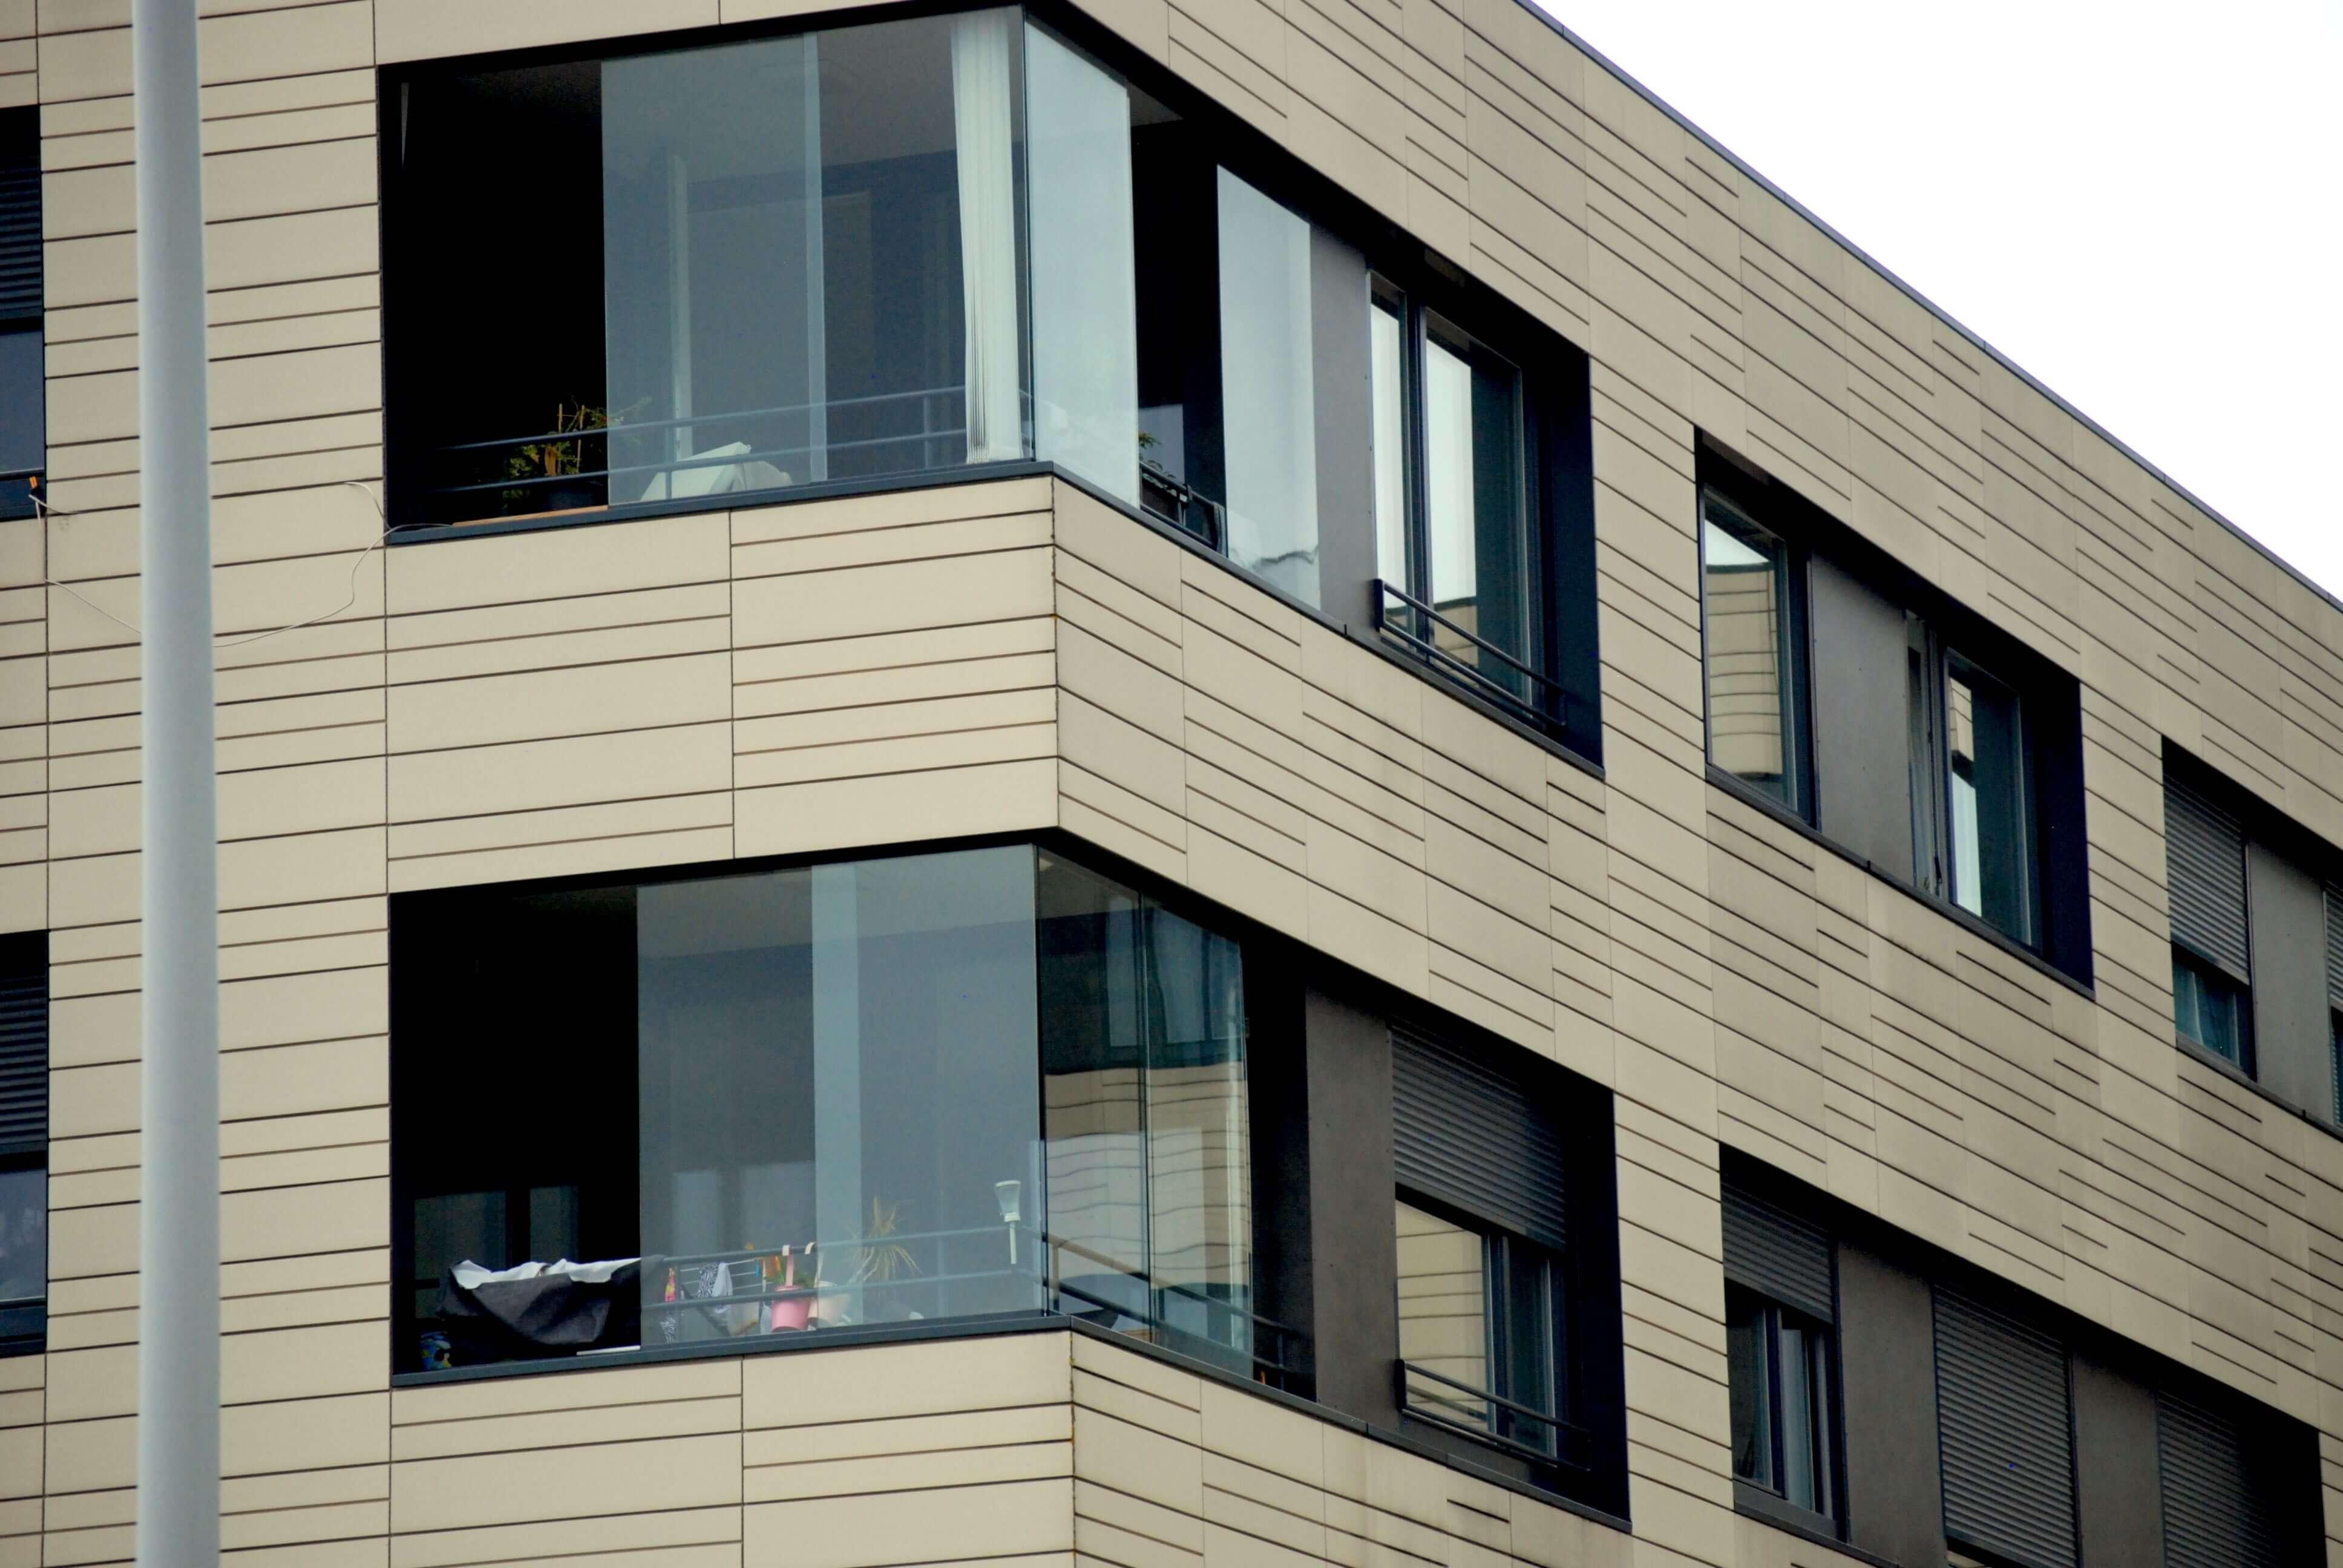 Schiebewand Glas Balkone